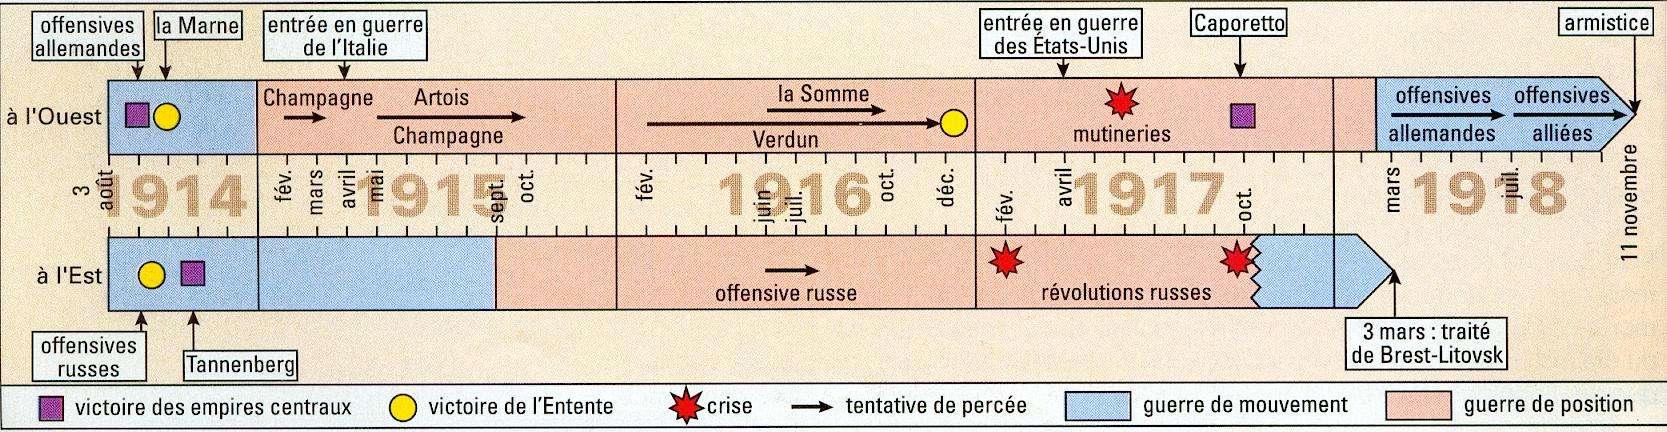 http://objectifbrevet.free.fr/histoire/images/img_h_008.jpg